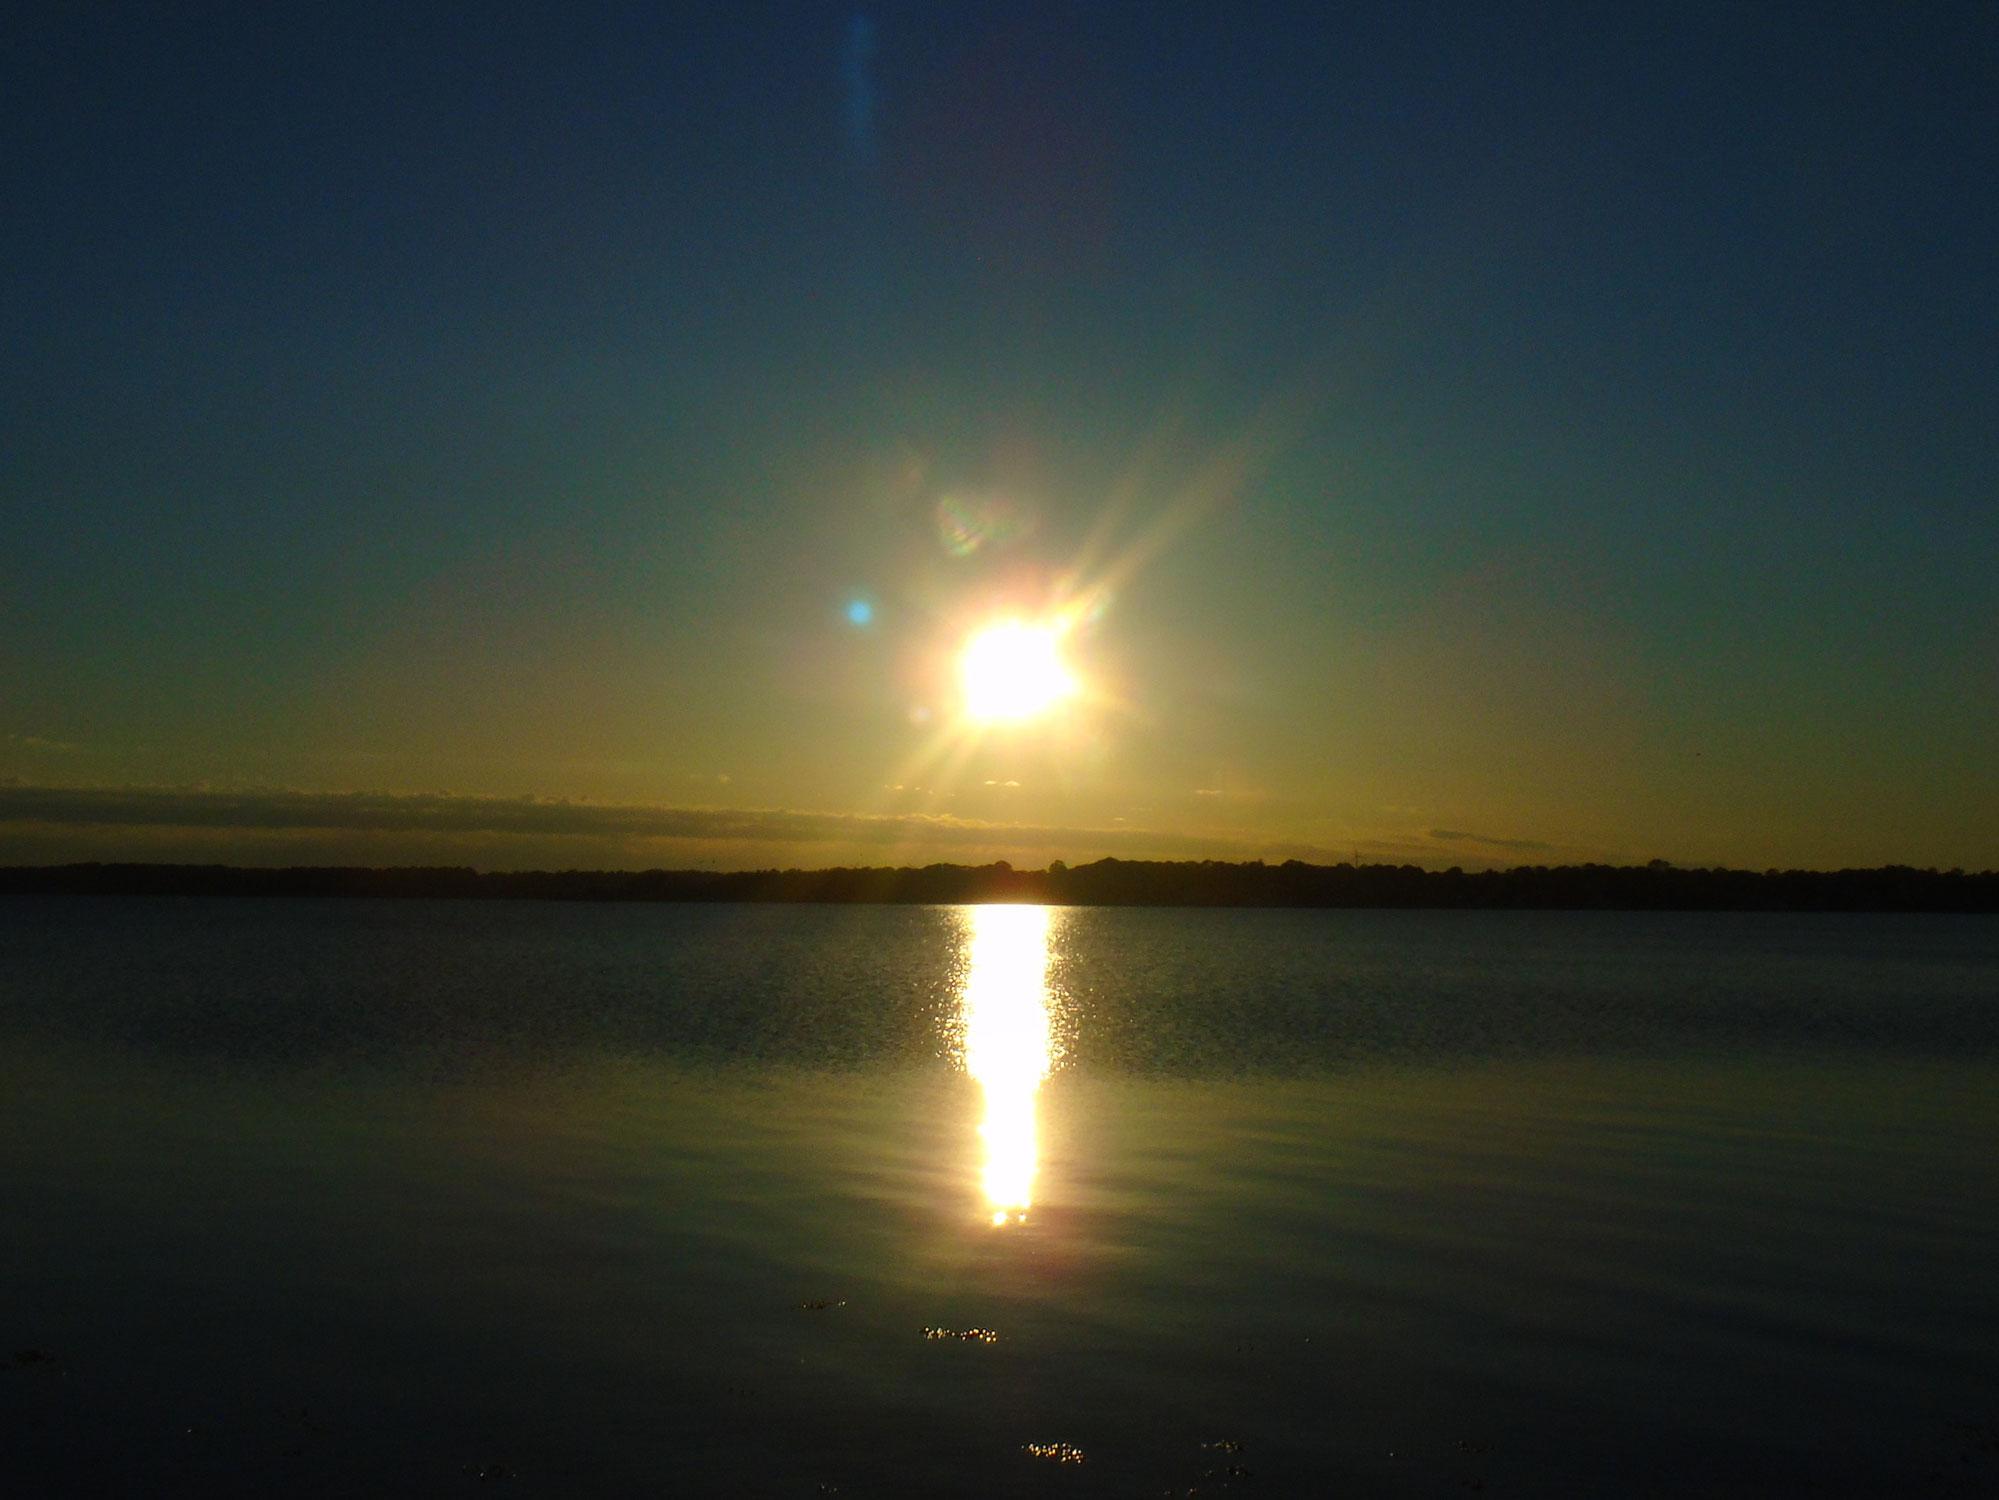 LICHTWESENFOTOGRAFIE: Ich bin die Abendsonne